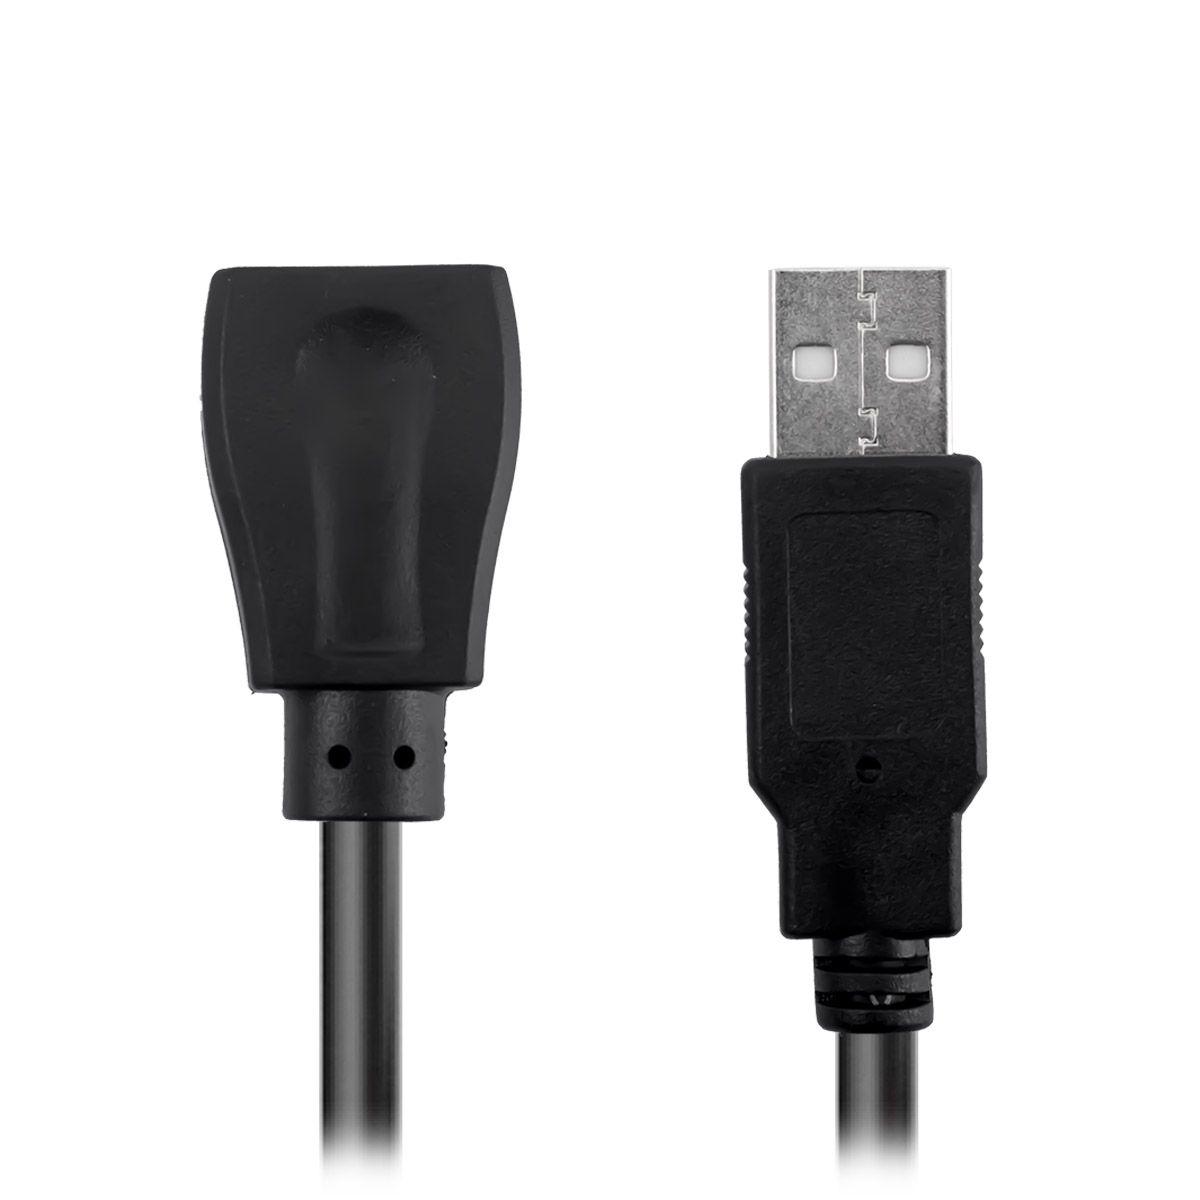 Cabo Extensor USB 2.0 de 5 Metros Exbom CBX-U2AMAF50